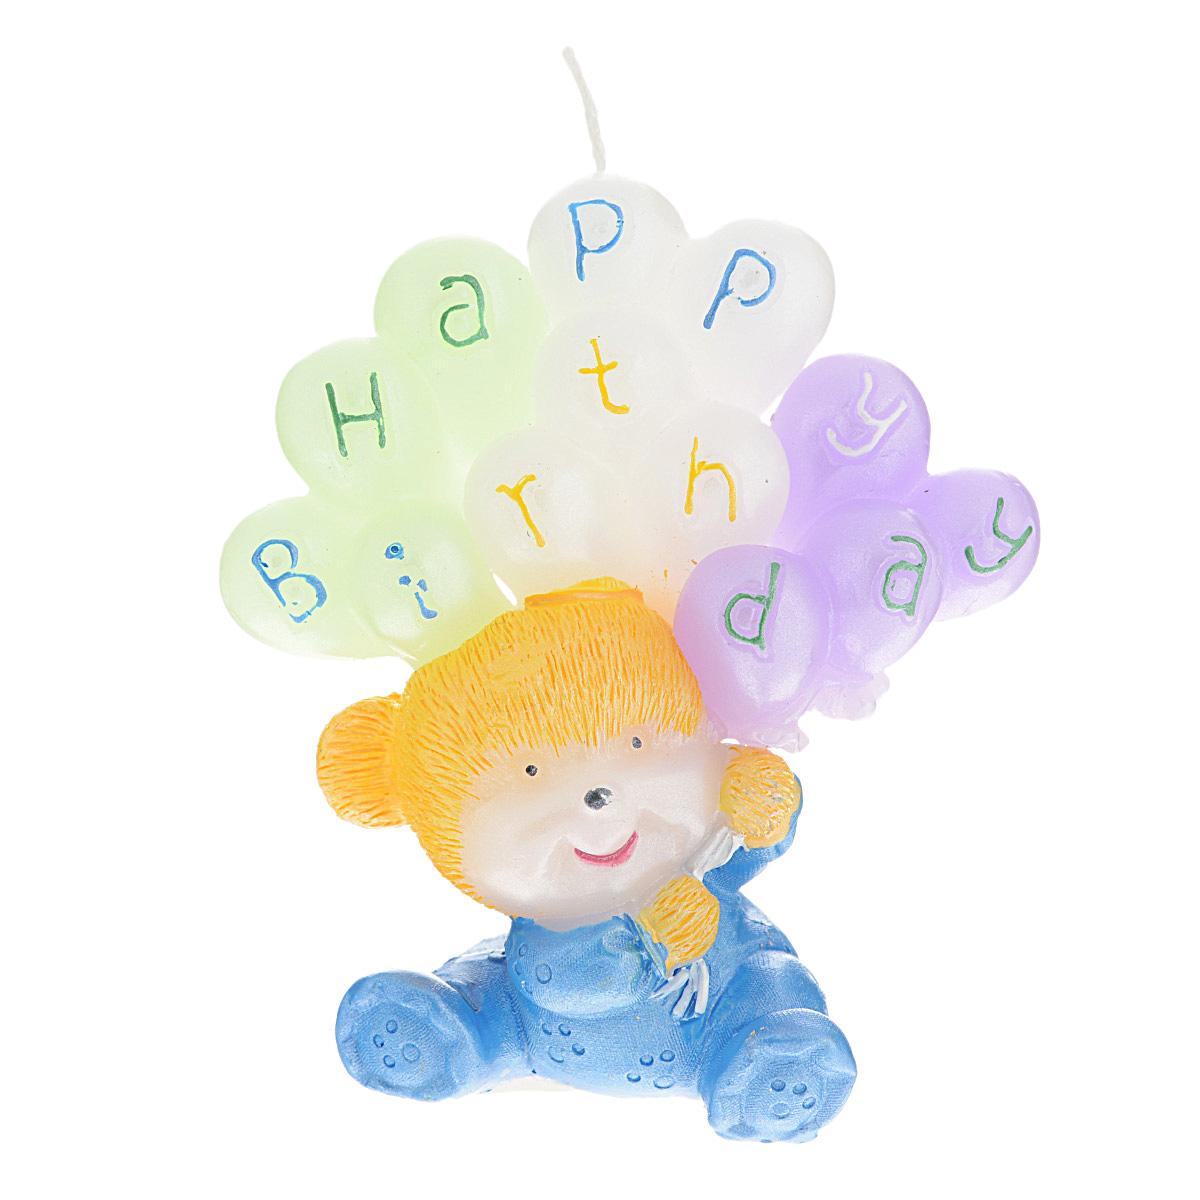 Свеча декоративная Win Max С днем рождения, цвет: голубой, 6 см х 6 см х 8 см. 9445974-0060Декоративная свеча Win Max С днем рождения изготовлена из парафина в форме мишки с шариками. Свеча упакована в прозрачную пластиковую коробку и украшена бантиком. Декоративная свеча Win Max С днем рождения может стать отличным подарком на день рождение. Размер свечи: 6 см х 6 см х 8 см.